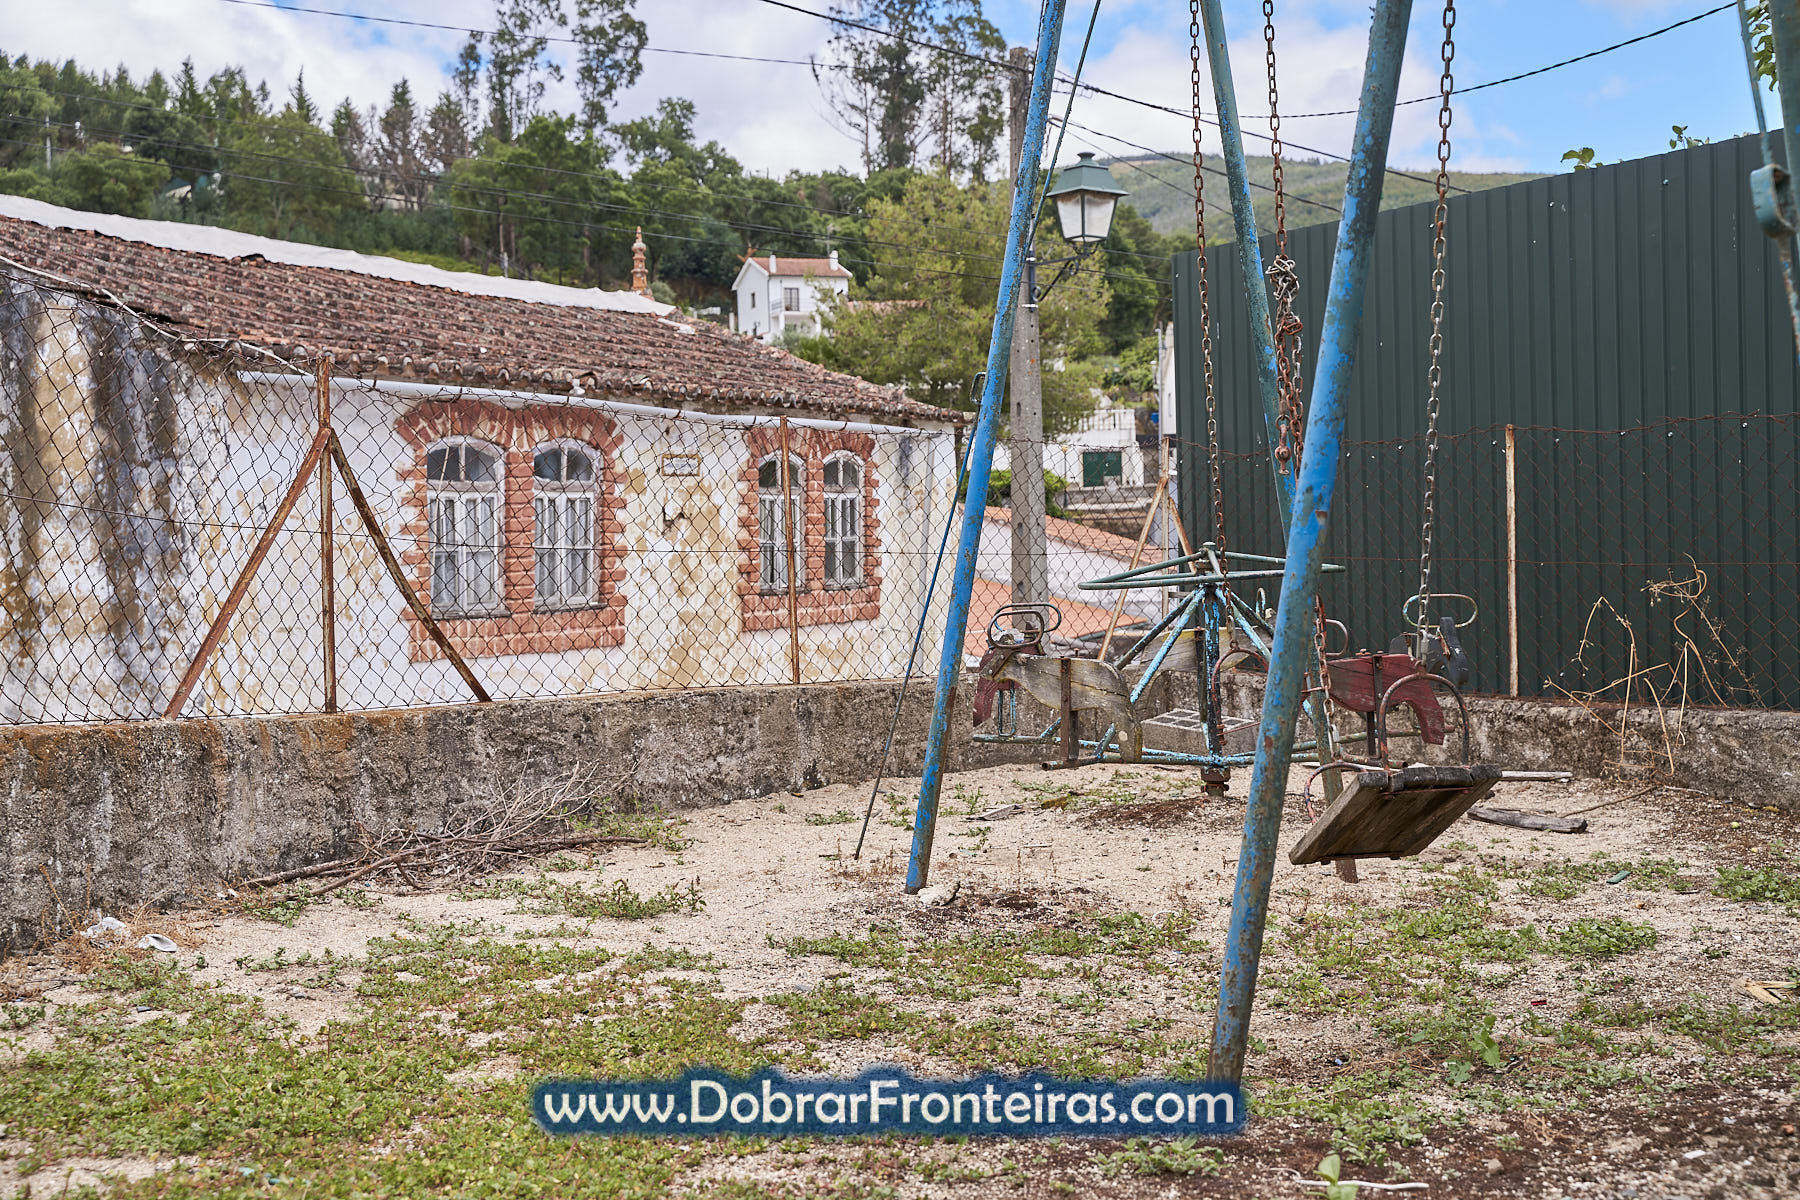 parque infantil abandonado e ruínas